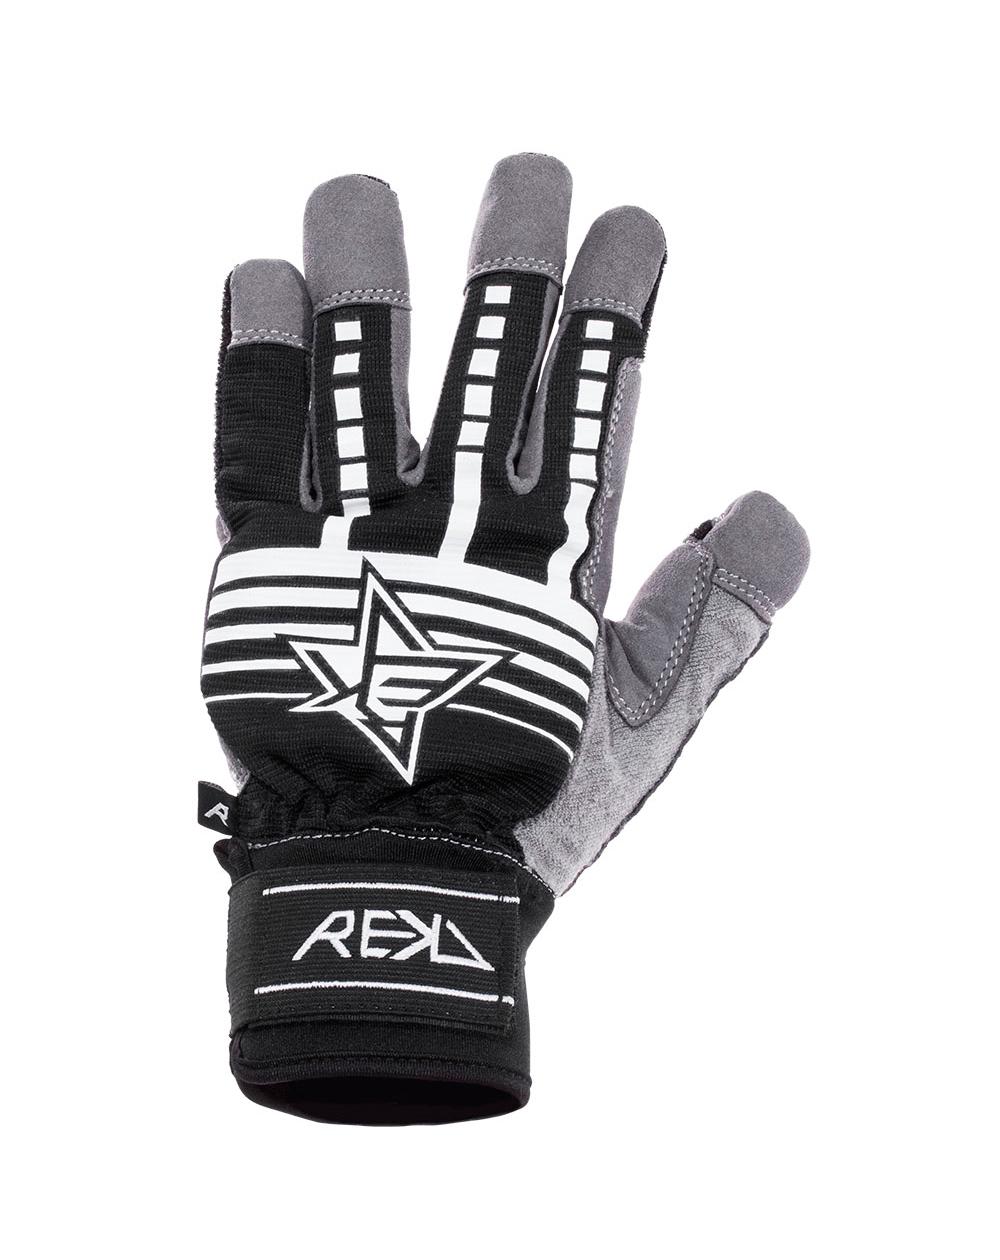 Rekd Protection Slide Gloves Slide Gloves